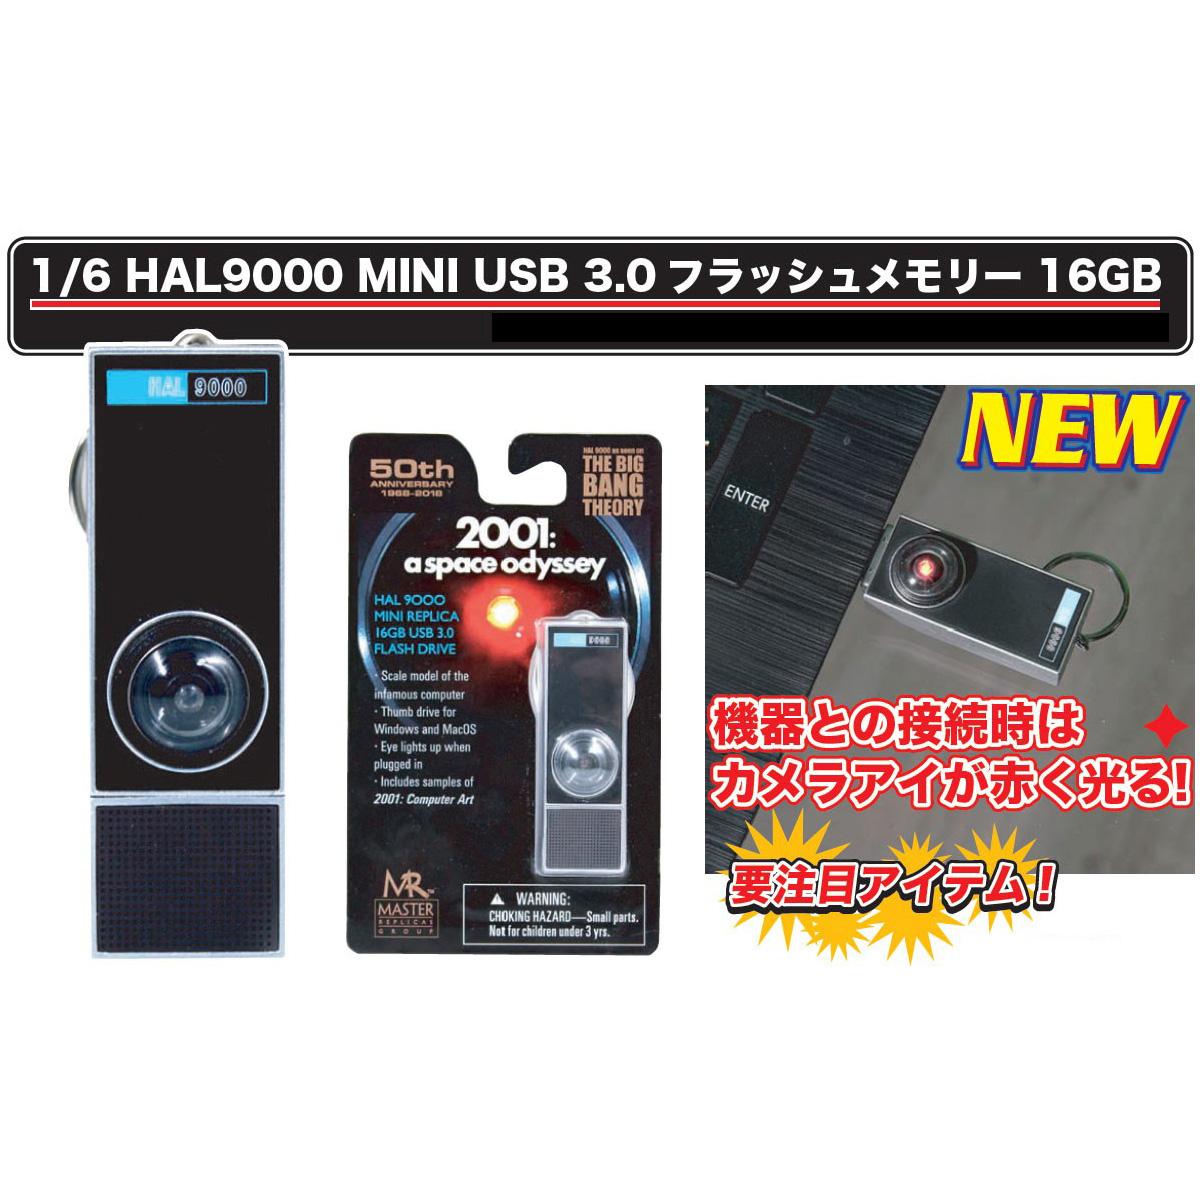 2001年宇宙の旅『HAL9000 MINI USB 3.0 フラッシュメモリー 16GB』1/6 USBメモリ-004